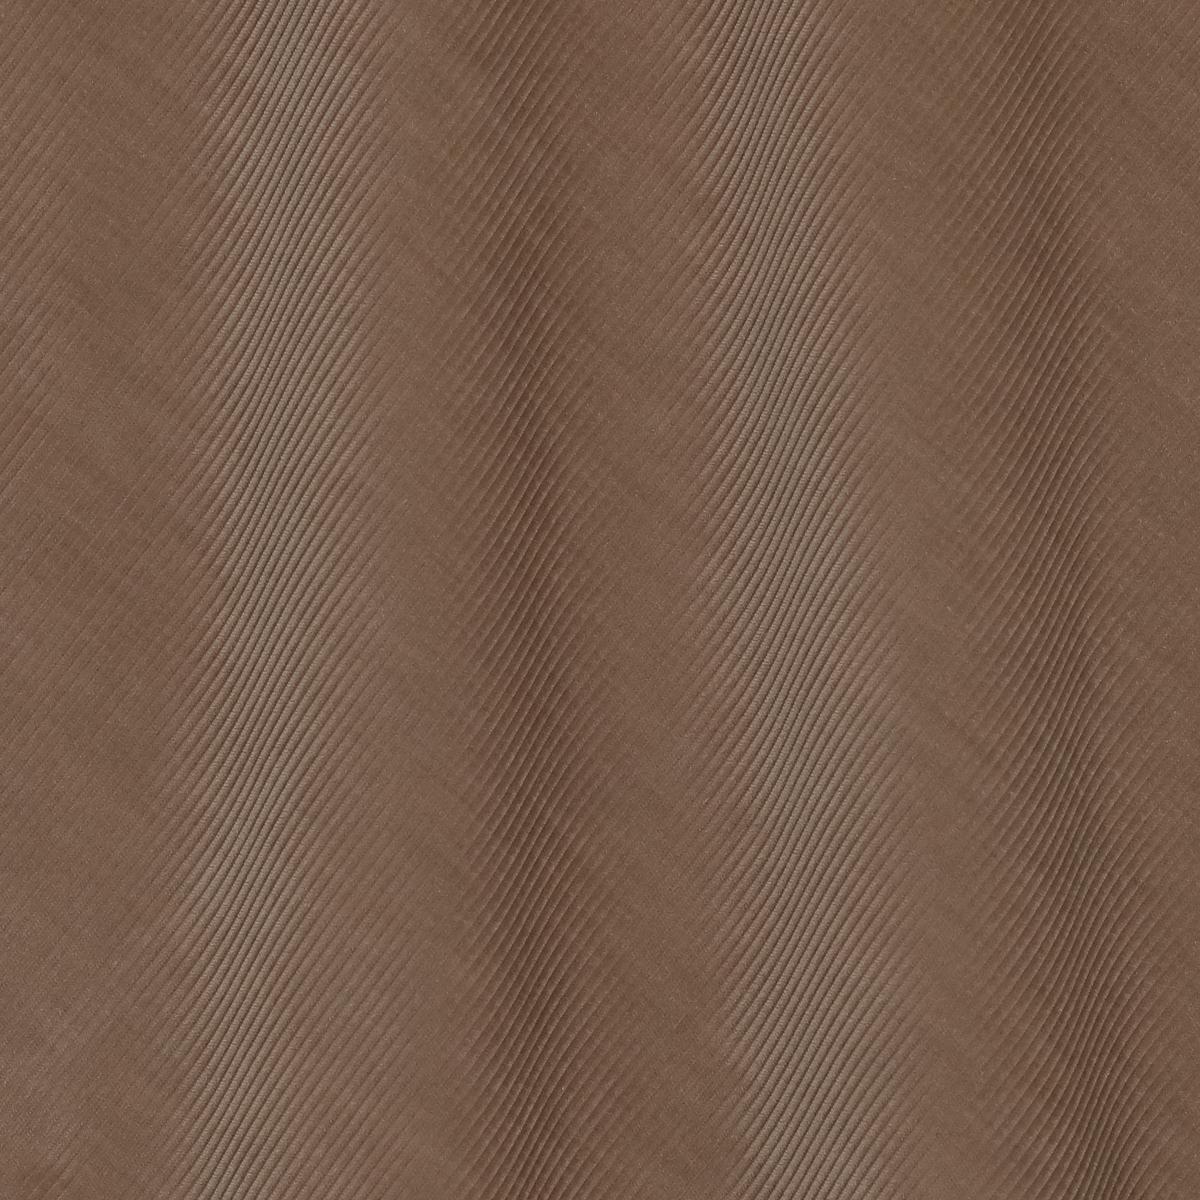 Хлопковый с кашемиром вельвет в рубчик бежевого оттенка